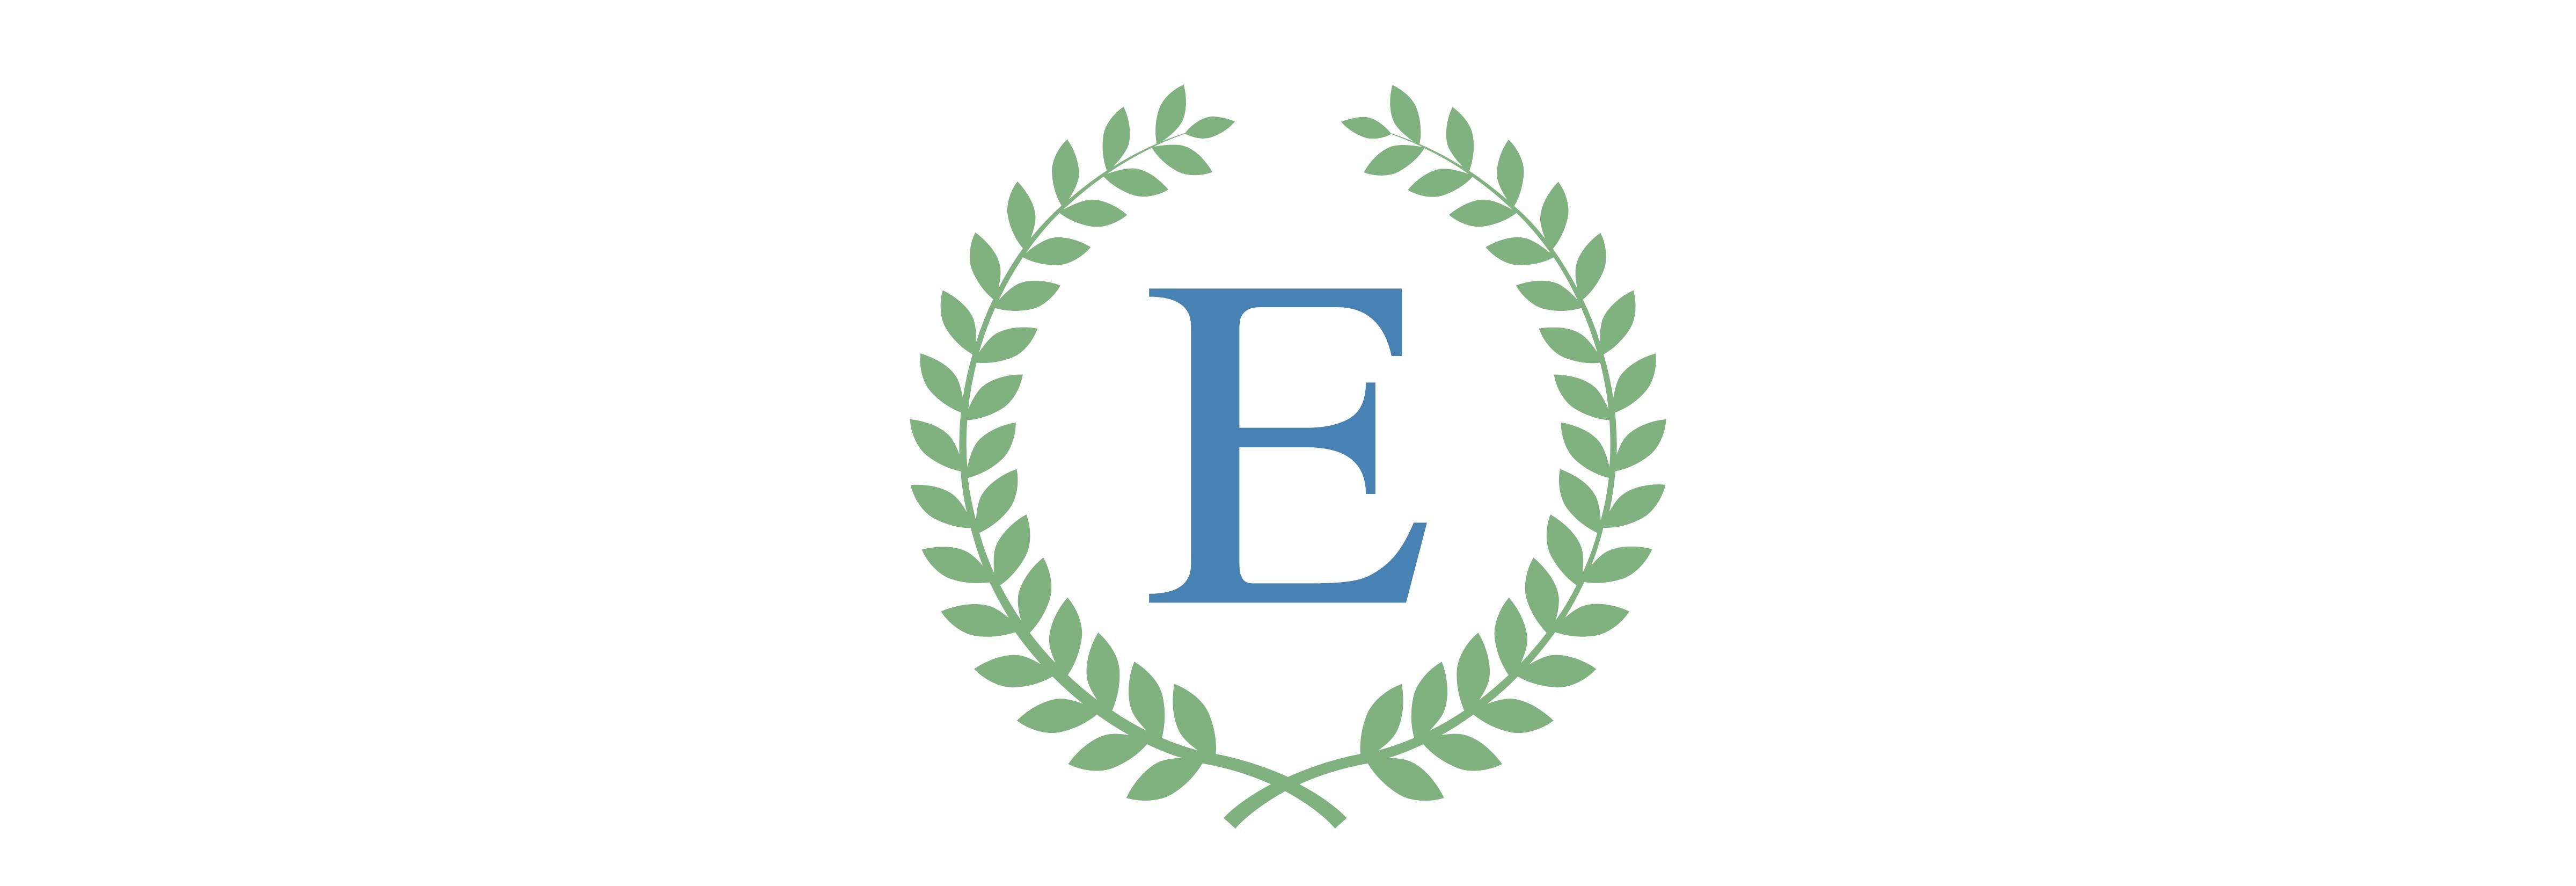 Olive Leaf Monogram